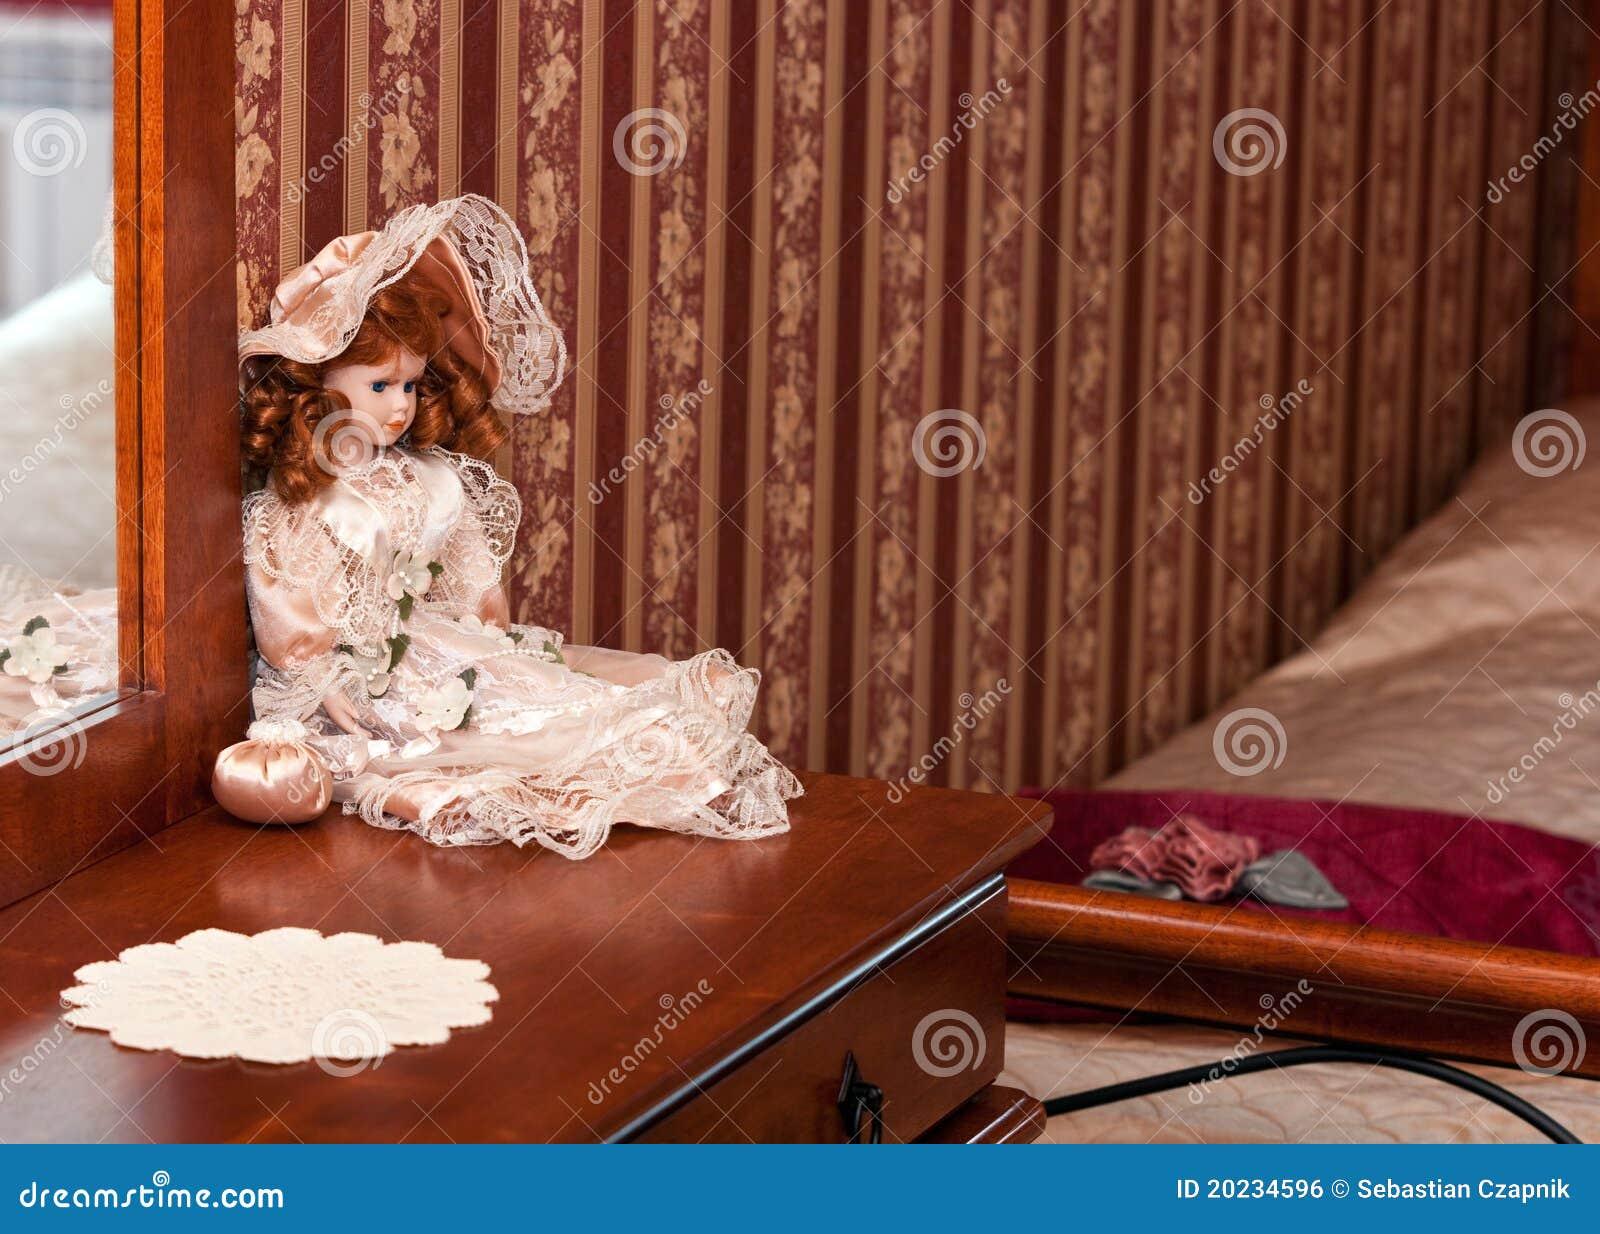 Da decorare camera letto ispirazioni - Decorare camera da letto ragazza ...